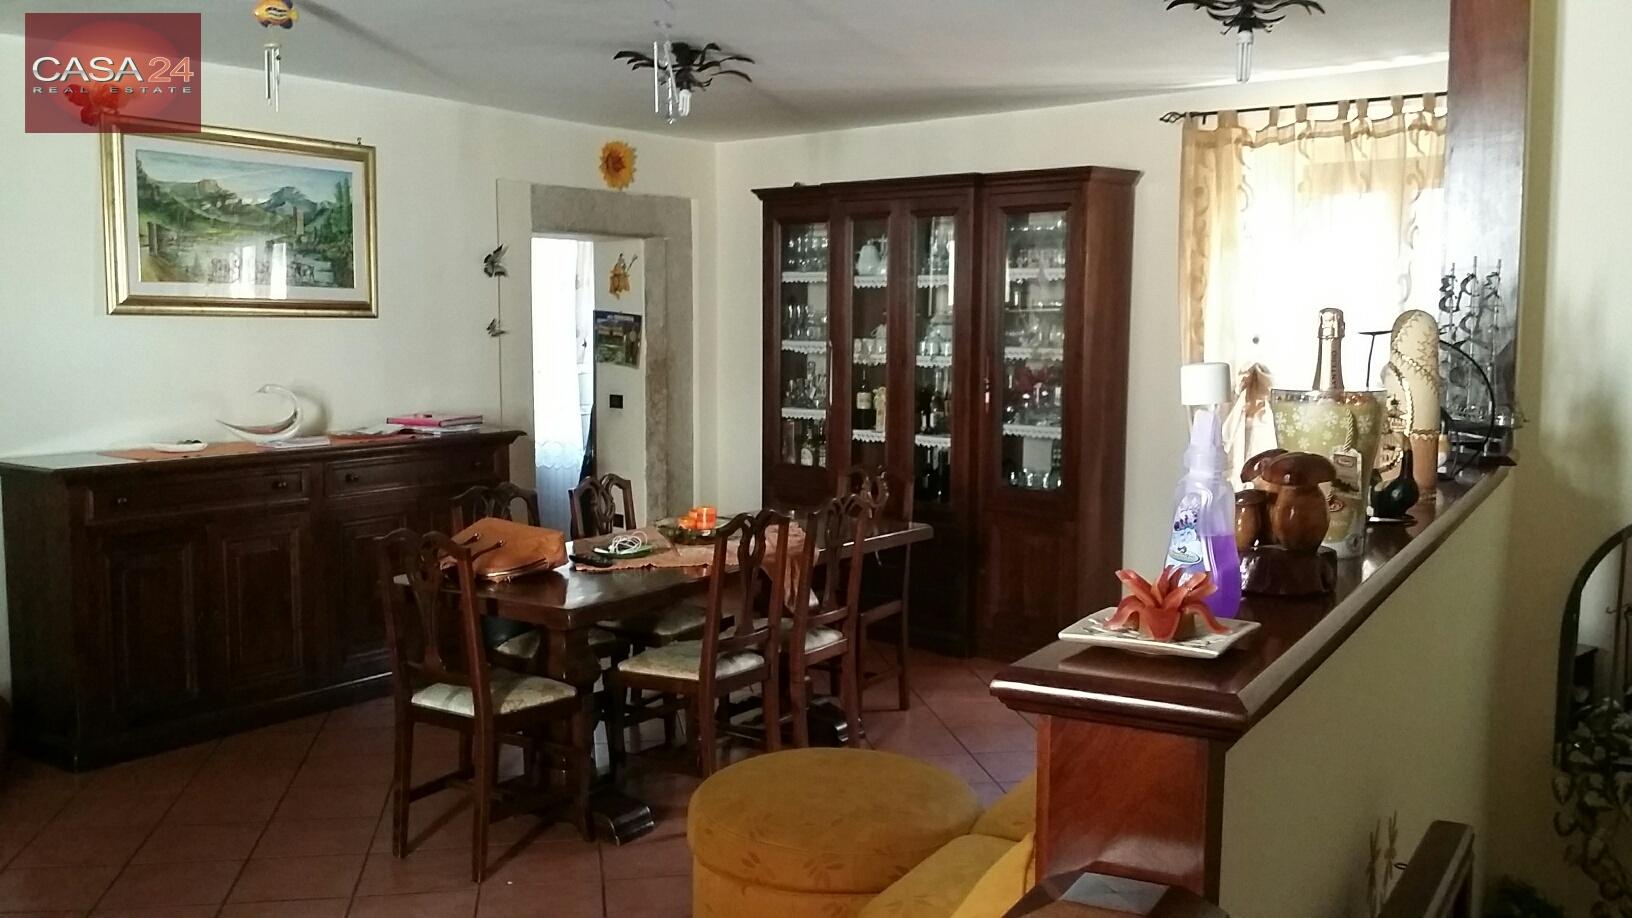 Appartamento in vendita a Sermoneta, 7 locali, zona Località: CentroStorico, prezzo € 180.000 | CambioCasa.it